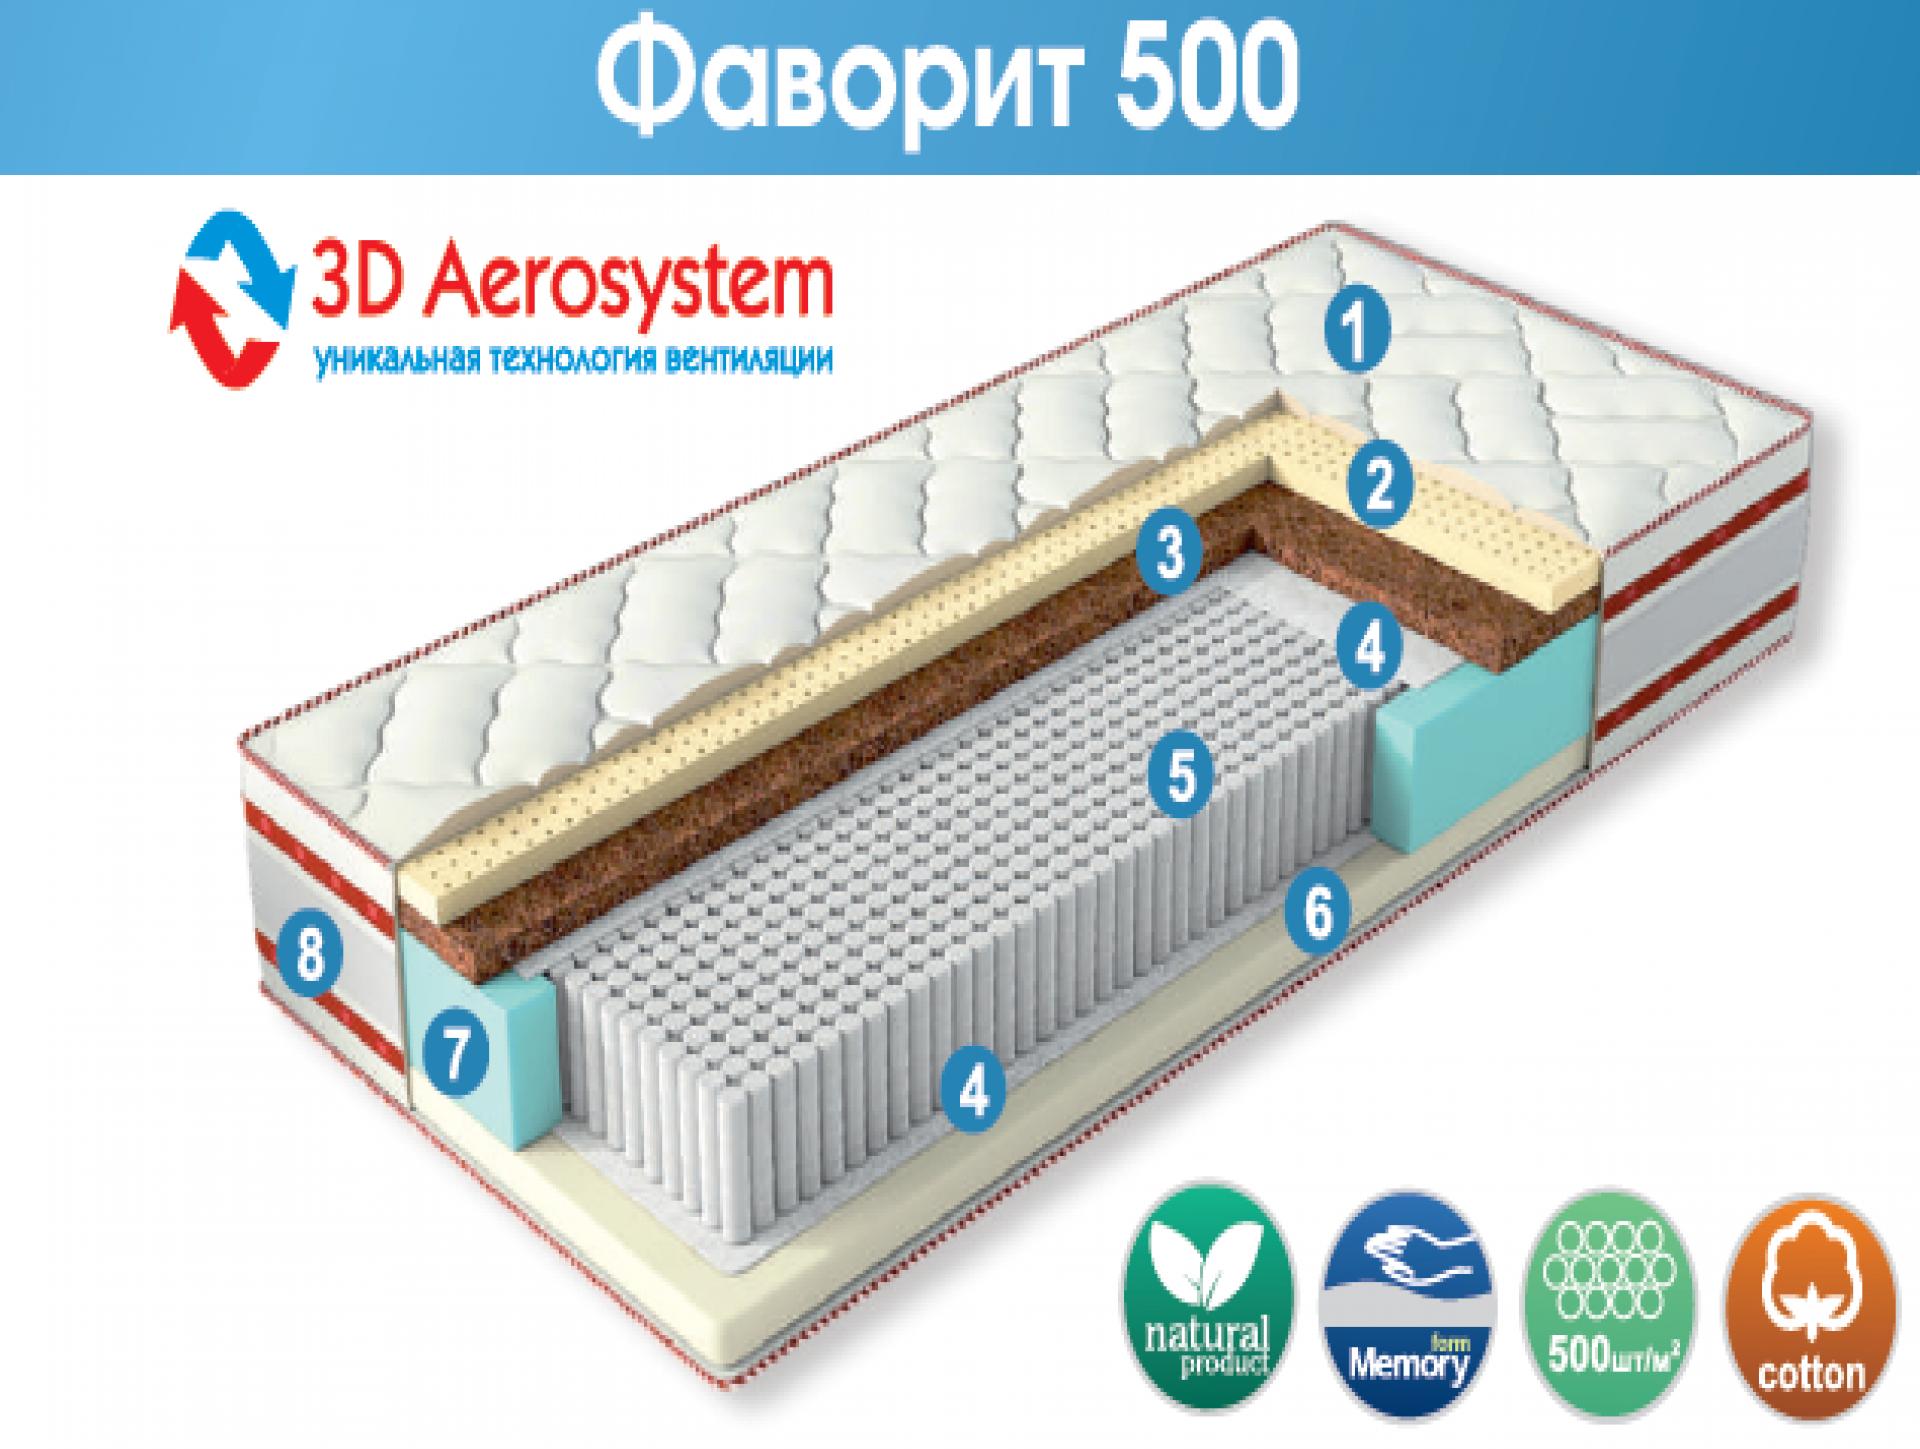 """Матрас """"Фаворит 500"""" приобрести в Томске"""